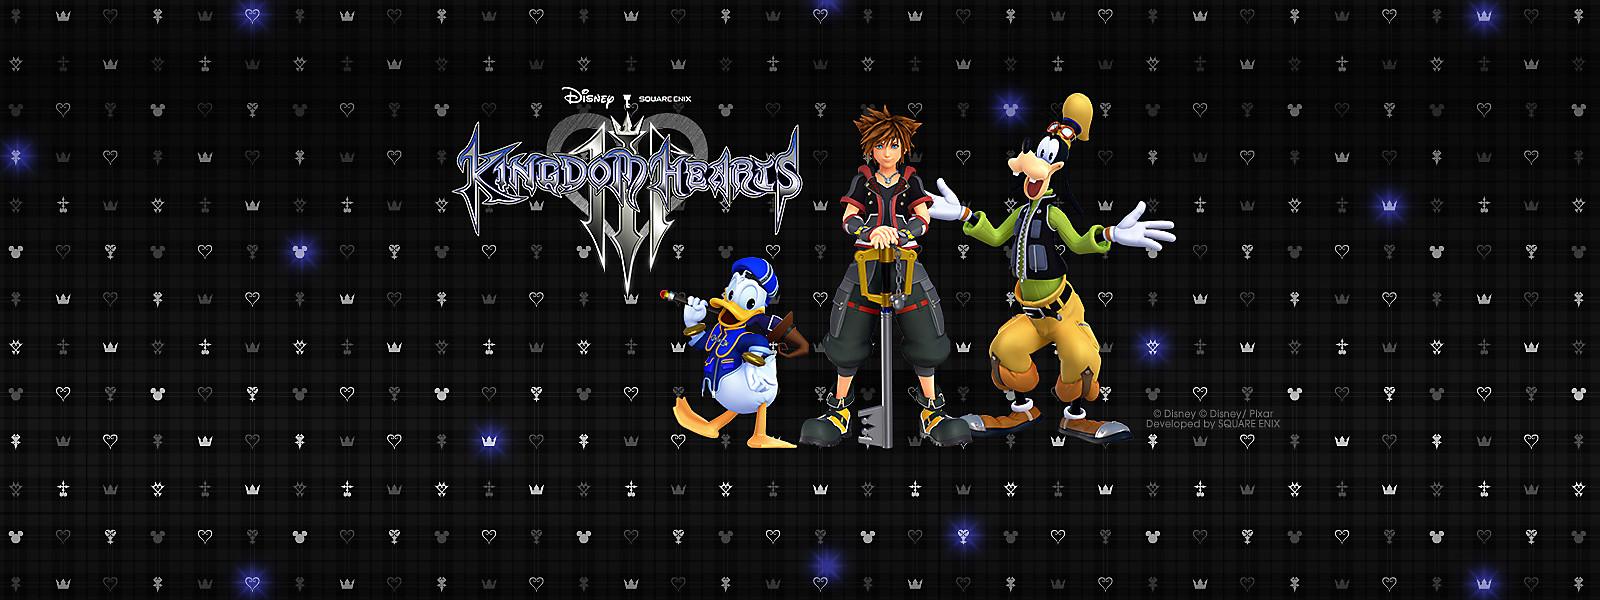 kingdom hearts 3 editions comparison